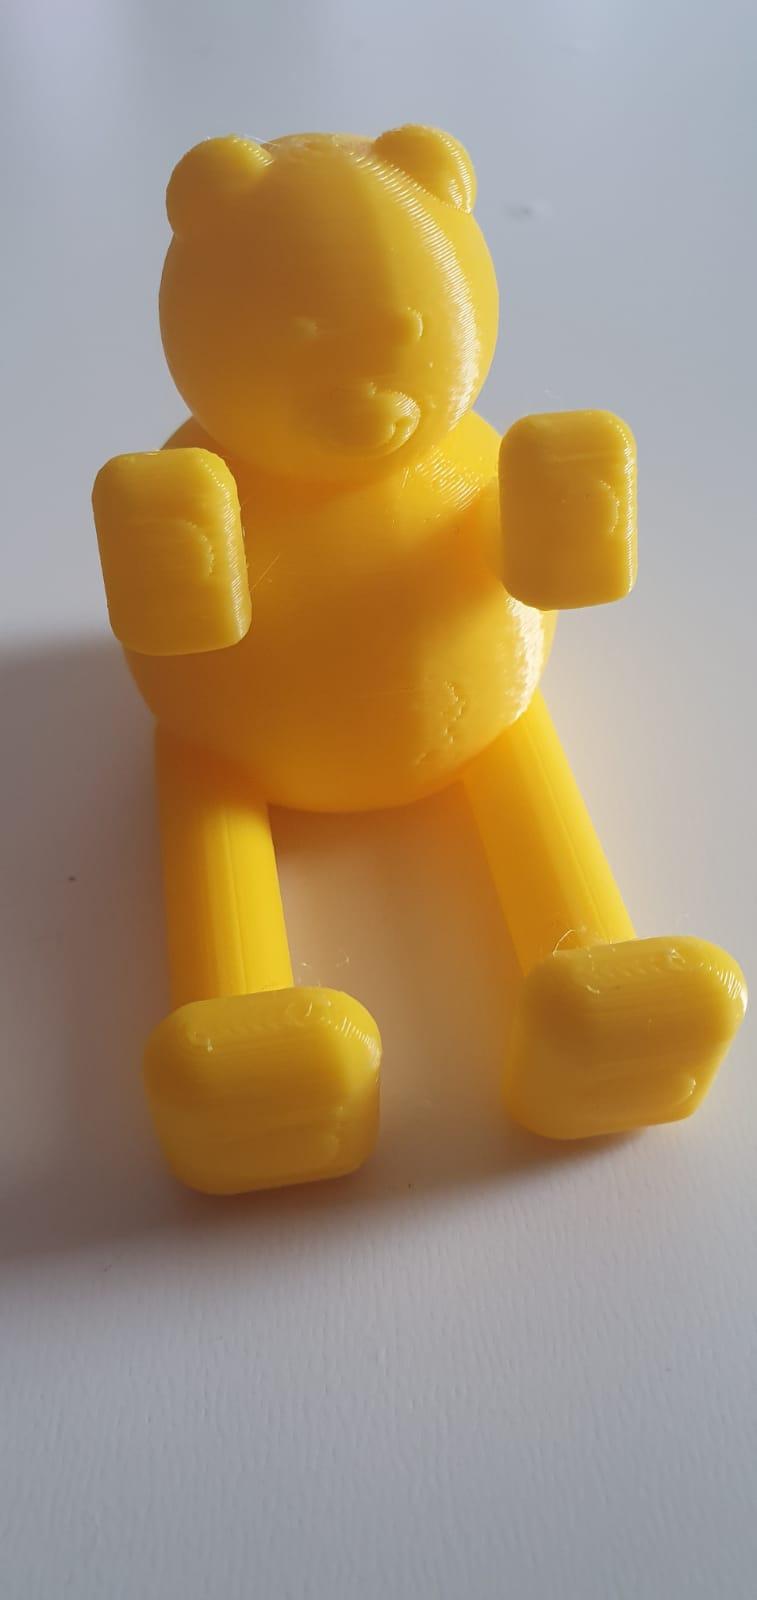 oso soporte  4.jpeg Télécharger fichier STL gratuit Petit gros ours (support pour smartphone) • Objet à imprimer en 3D, MaJoReRo